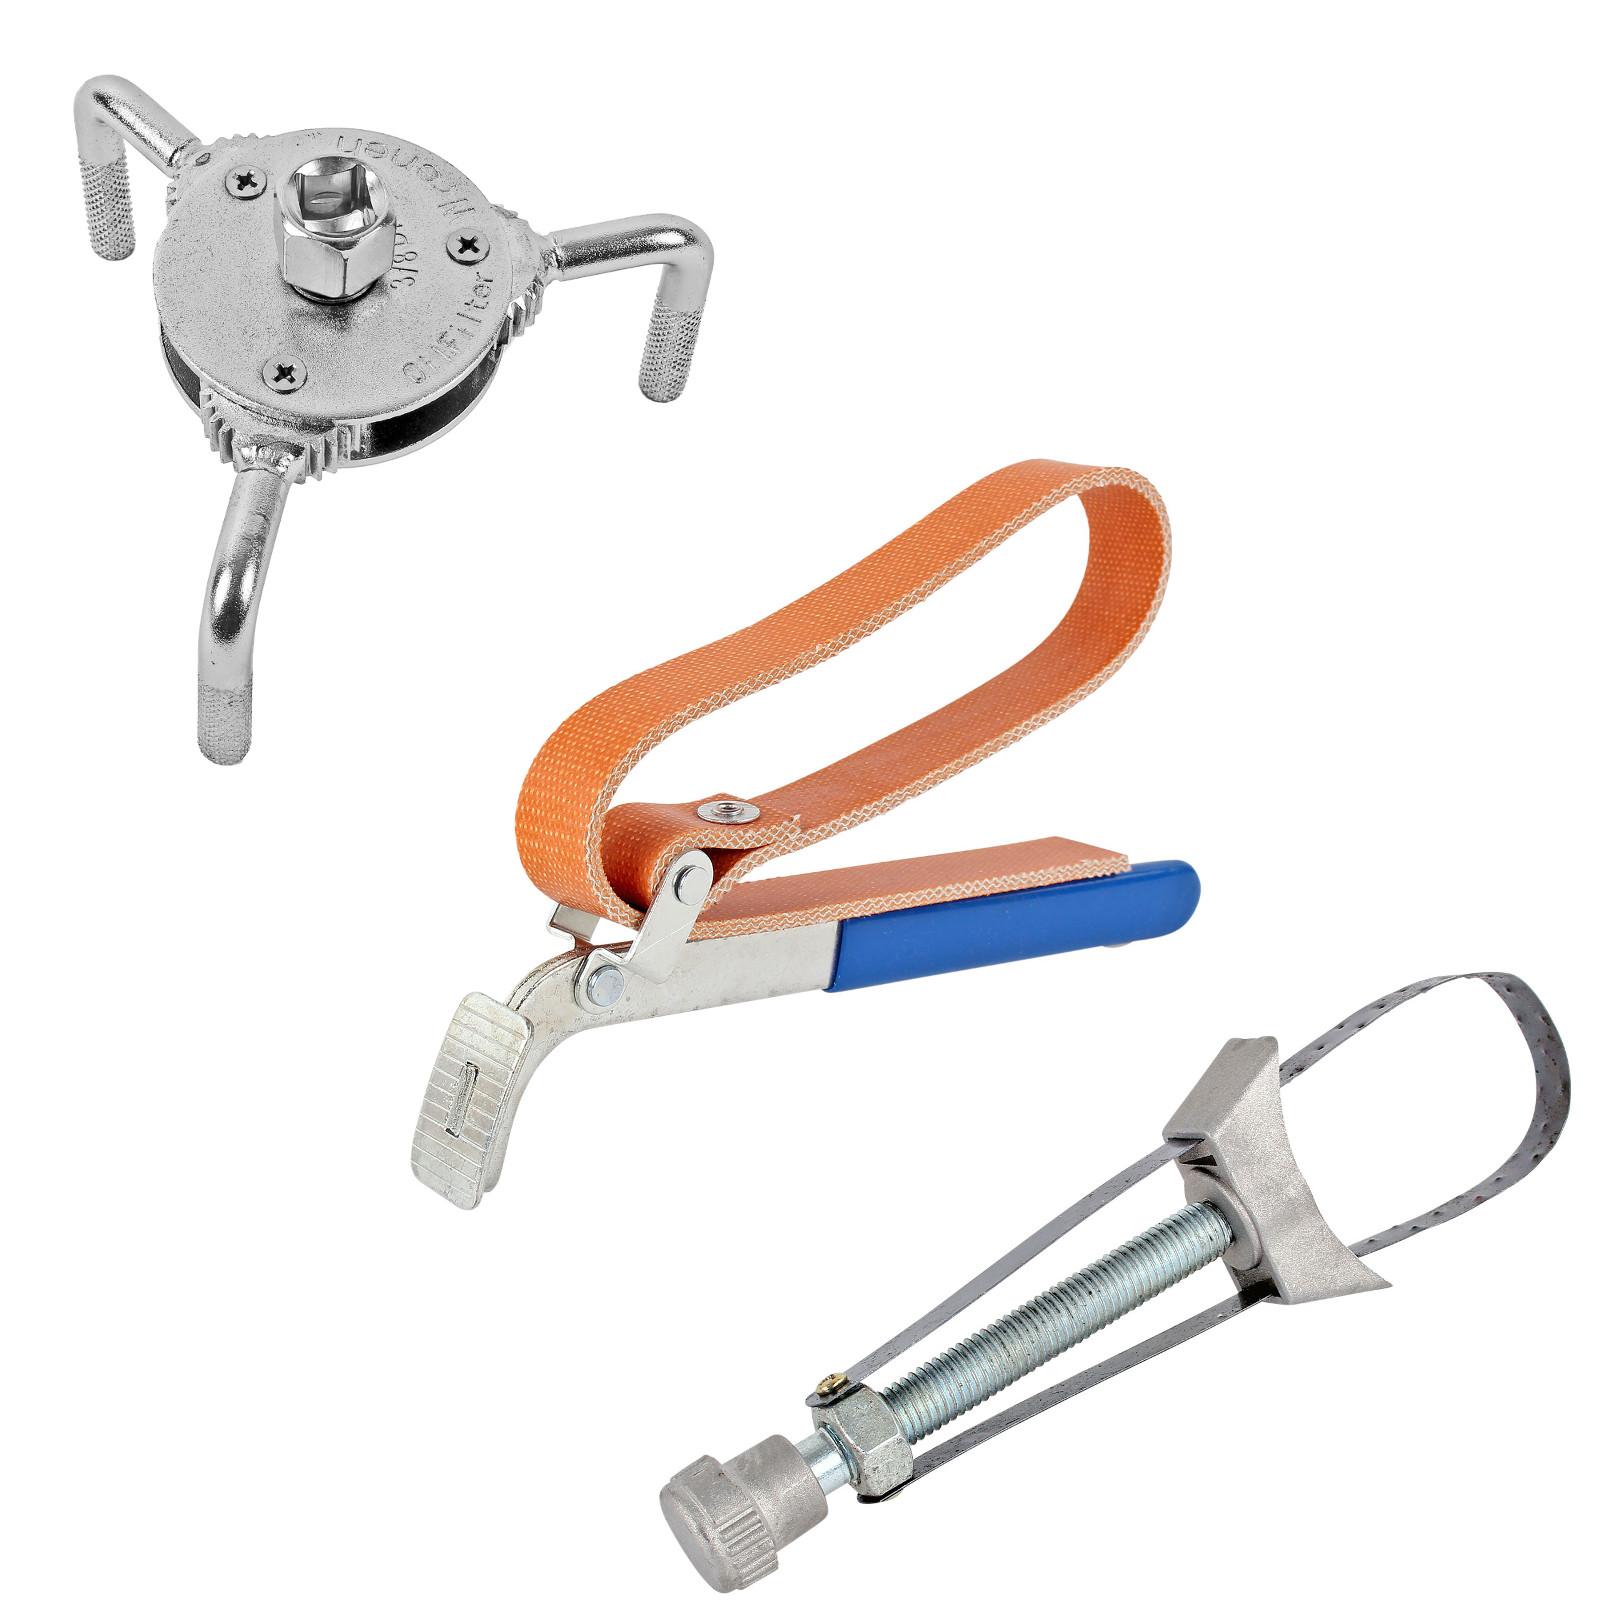 Ölfilterschlüssel 3 Versionen:  3 Armig (Spinne), Gewebeband, Metallband